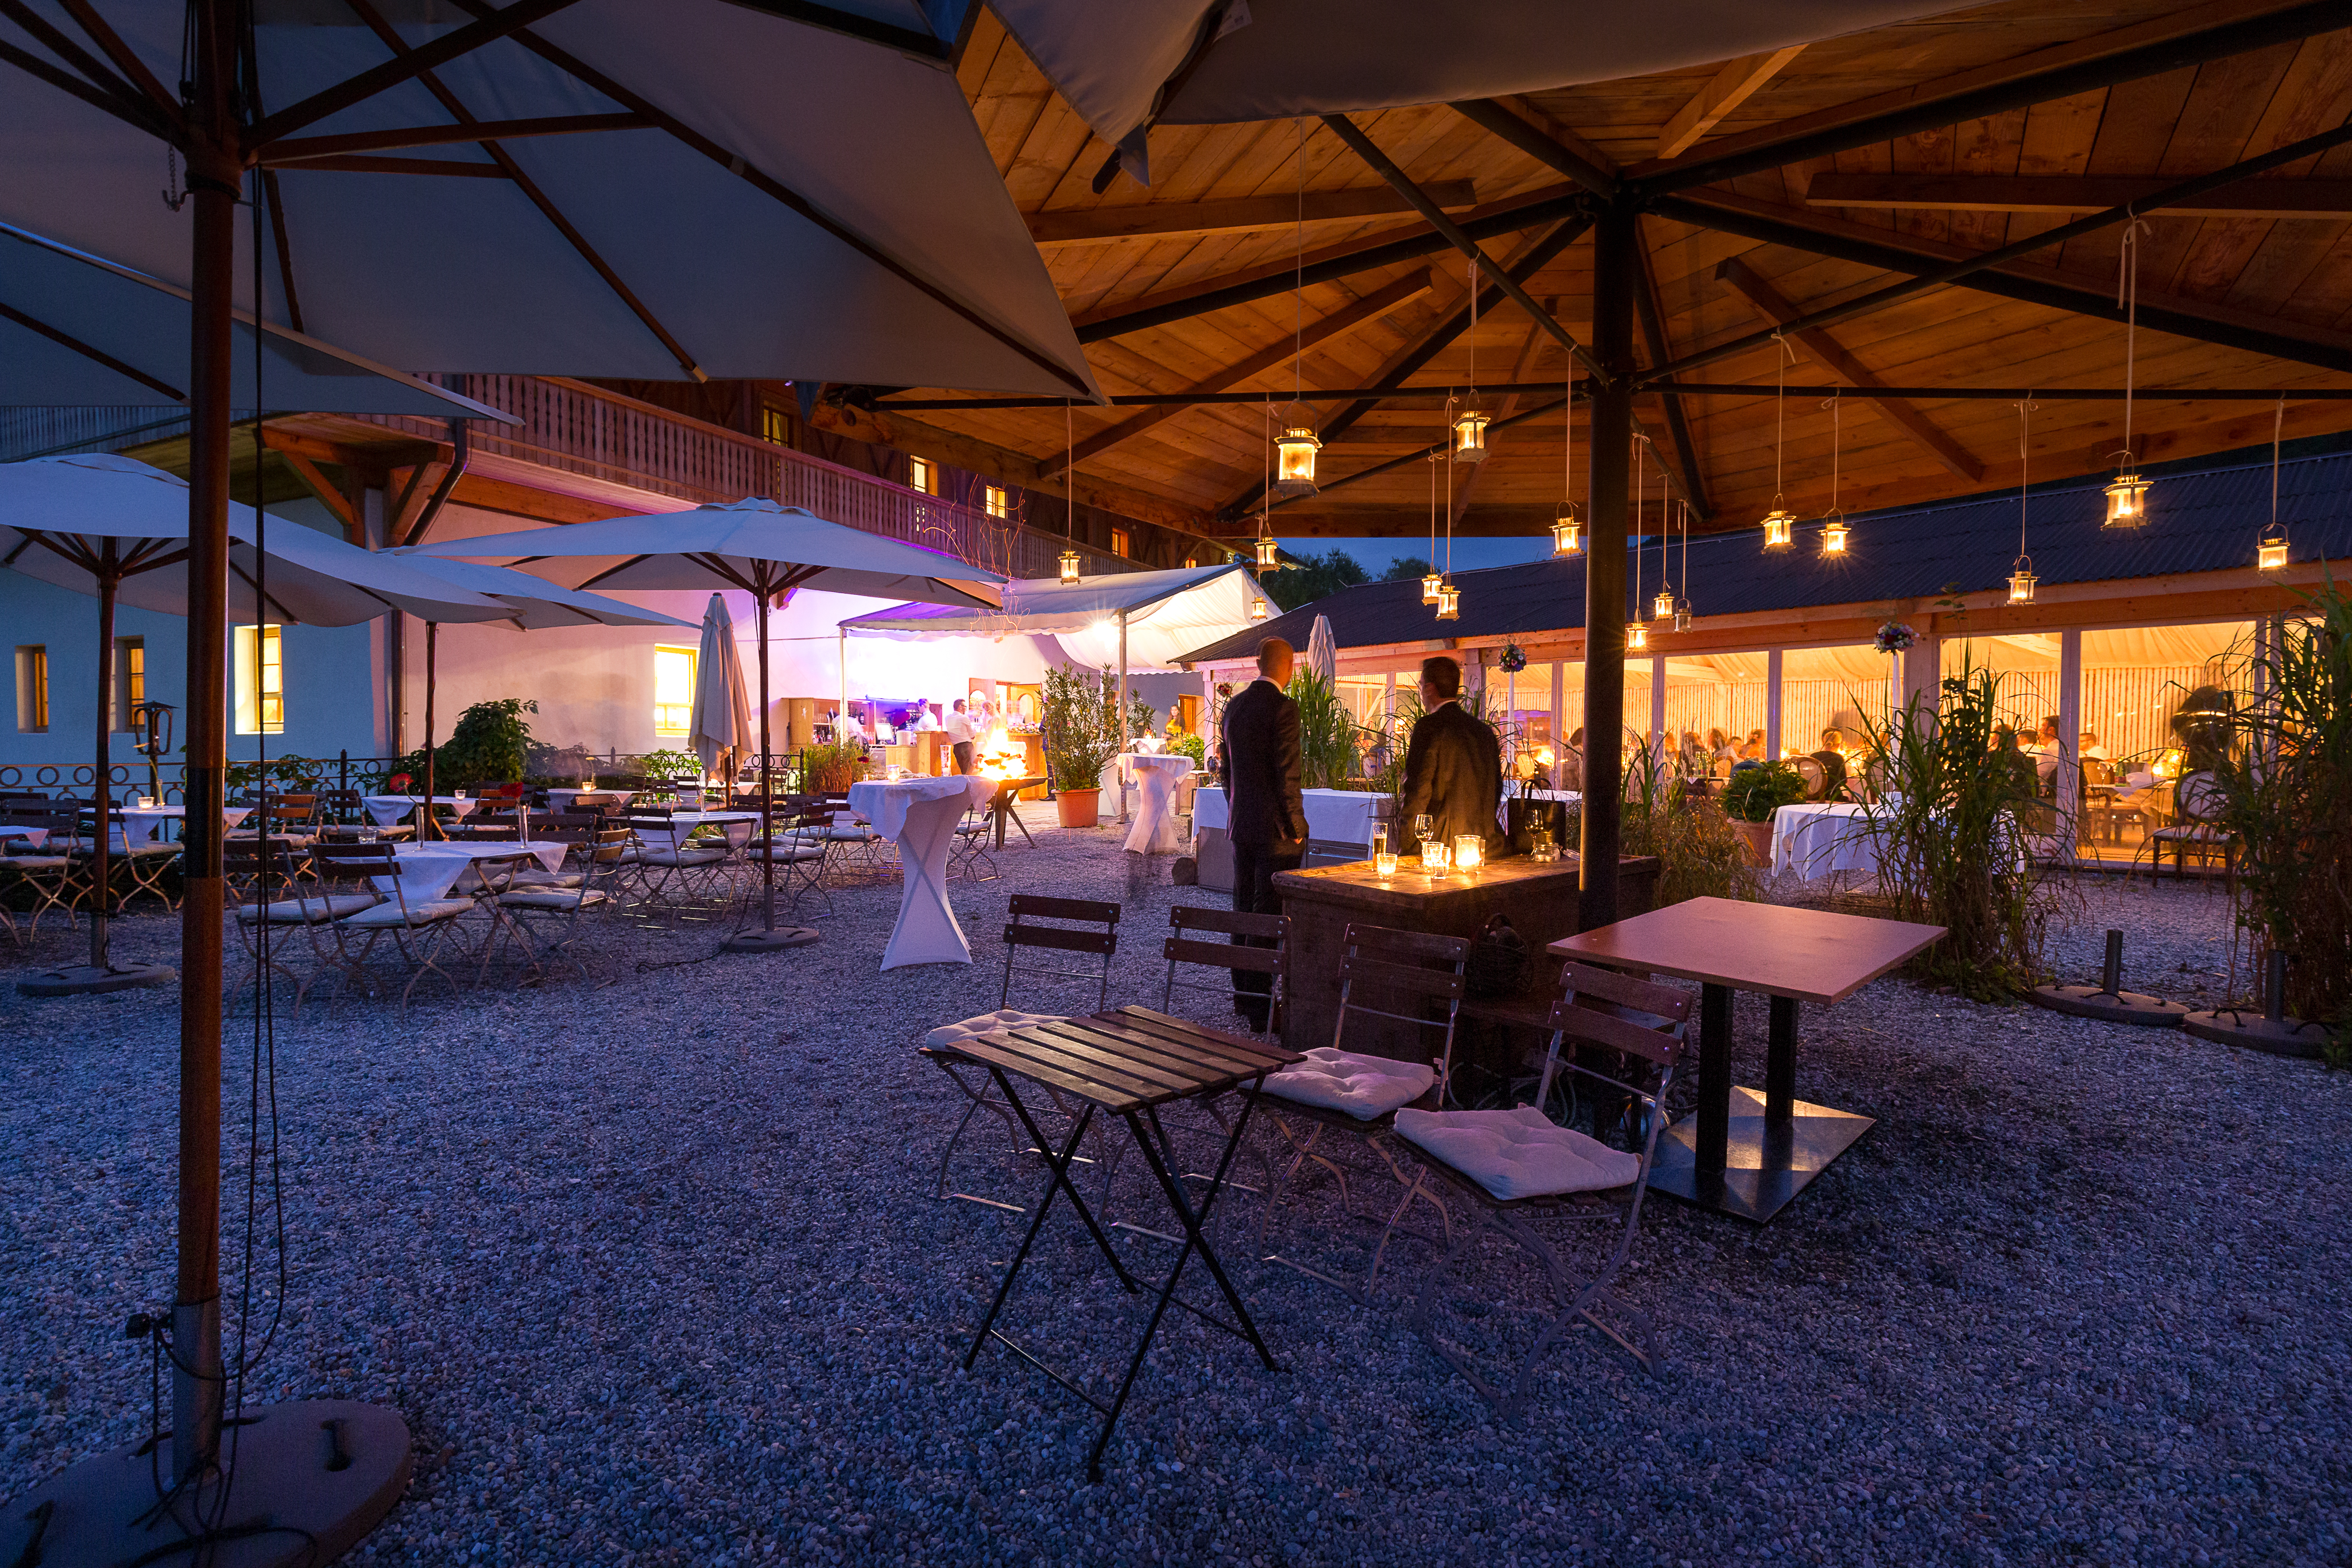 Abendliche Stimmung mit Kerzen und Lagerfeuer auf der Seeterrasse der Stiftsschmiede. Im Hintergrund der Eventpavillon.